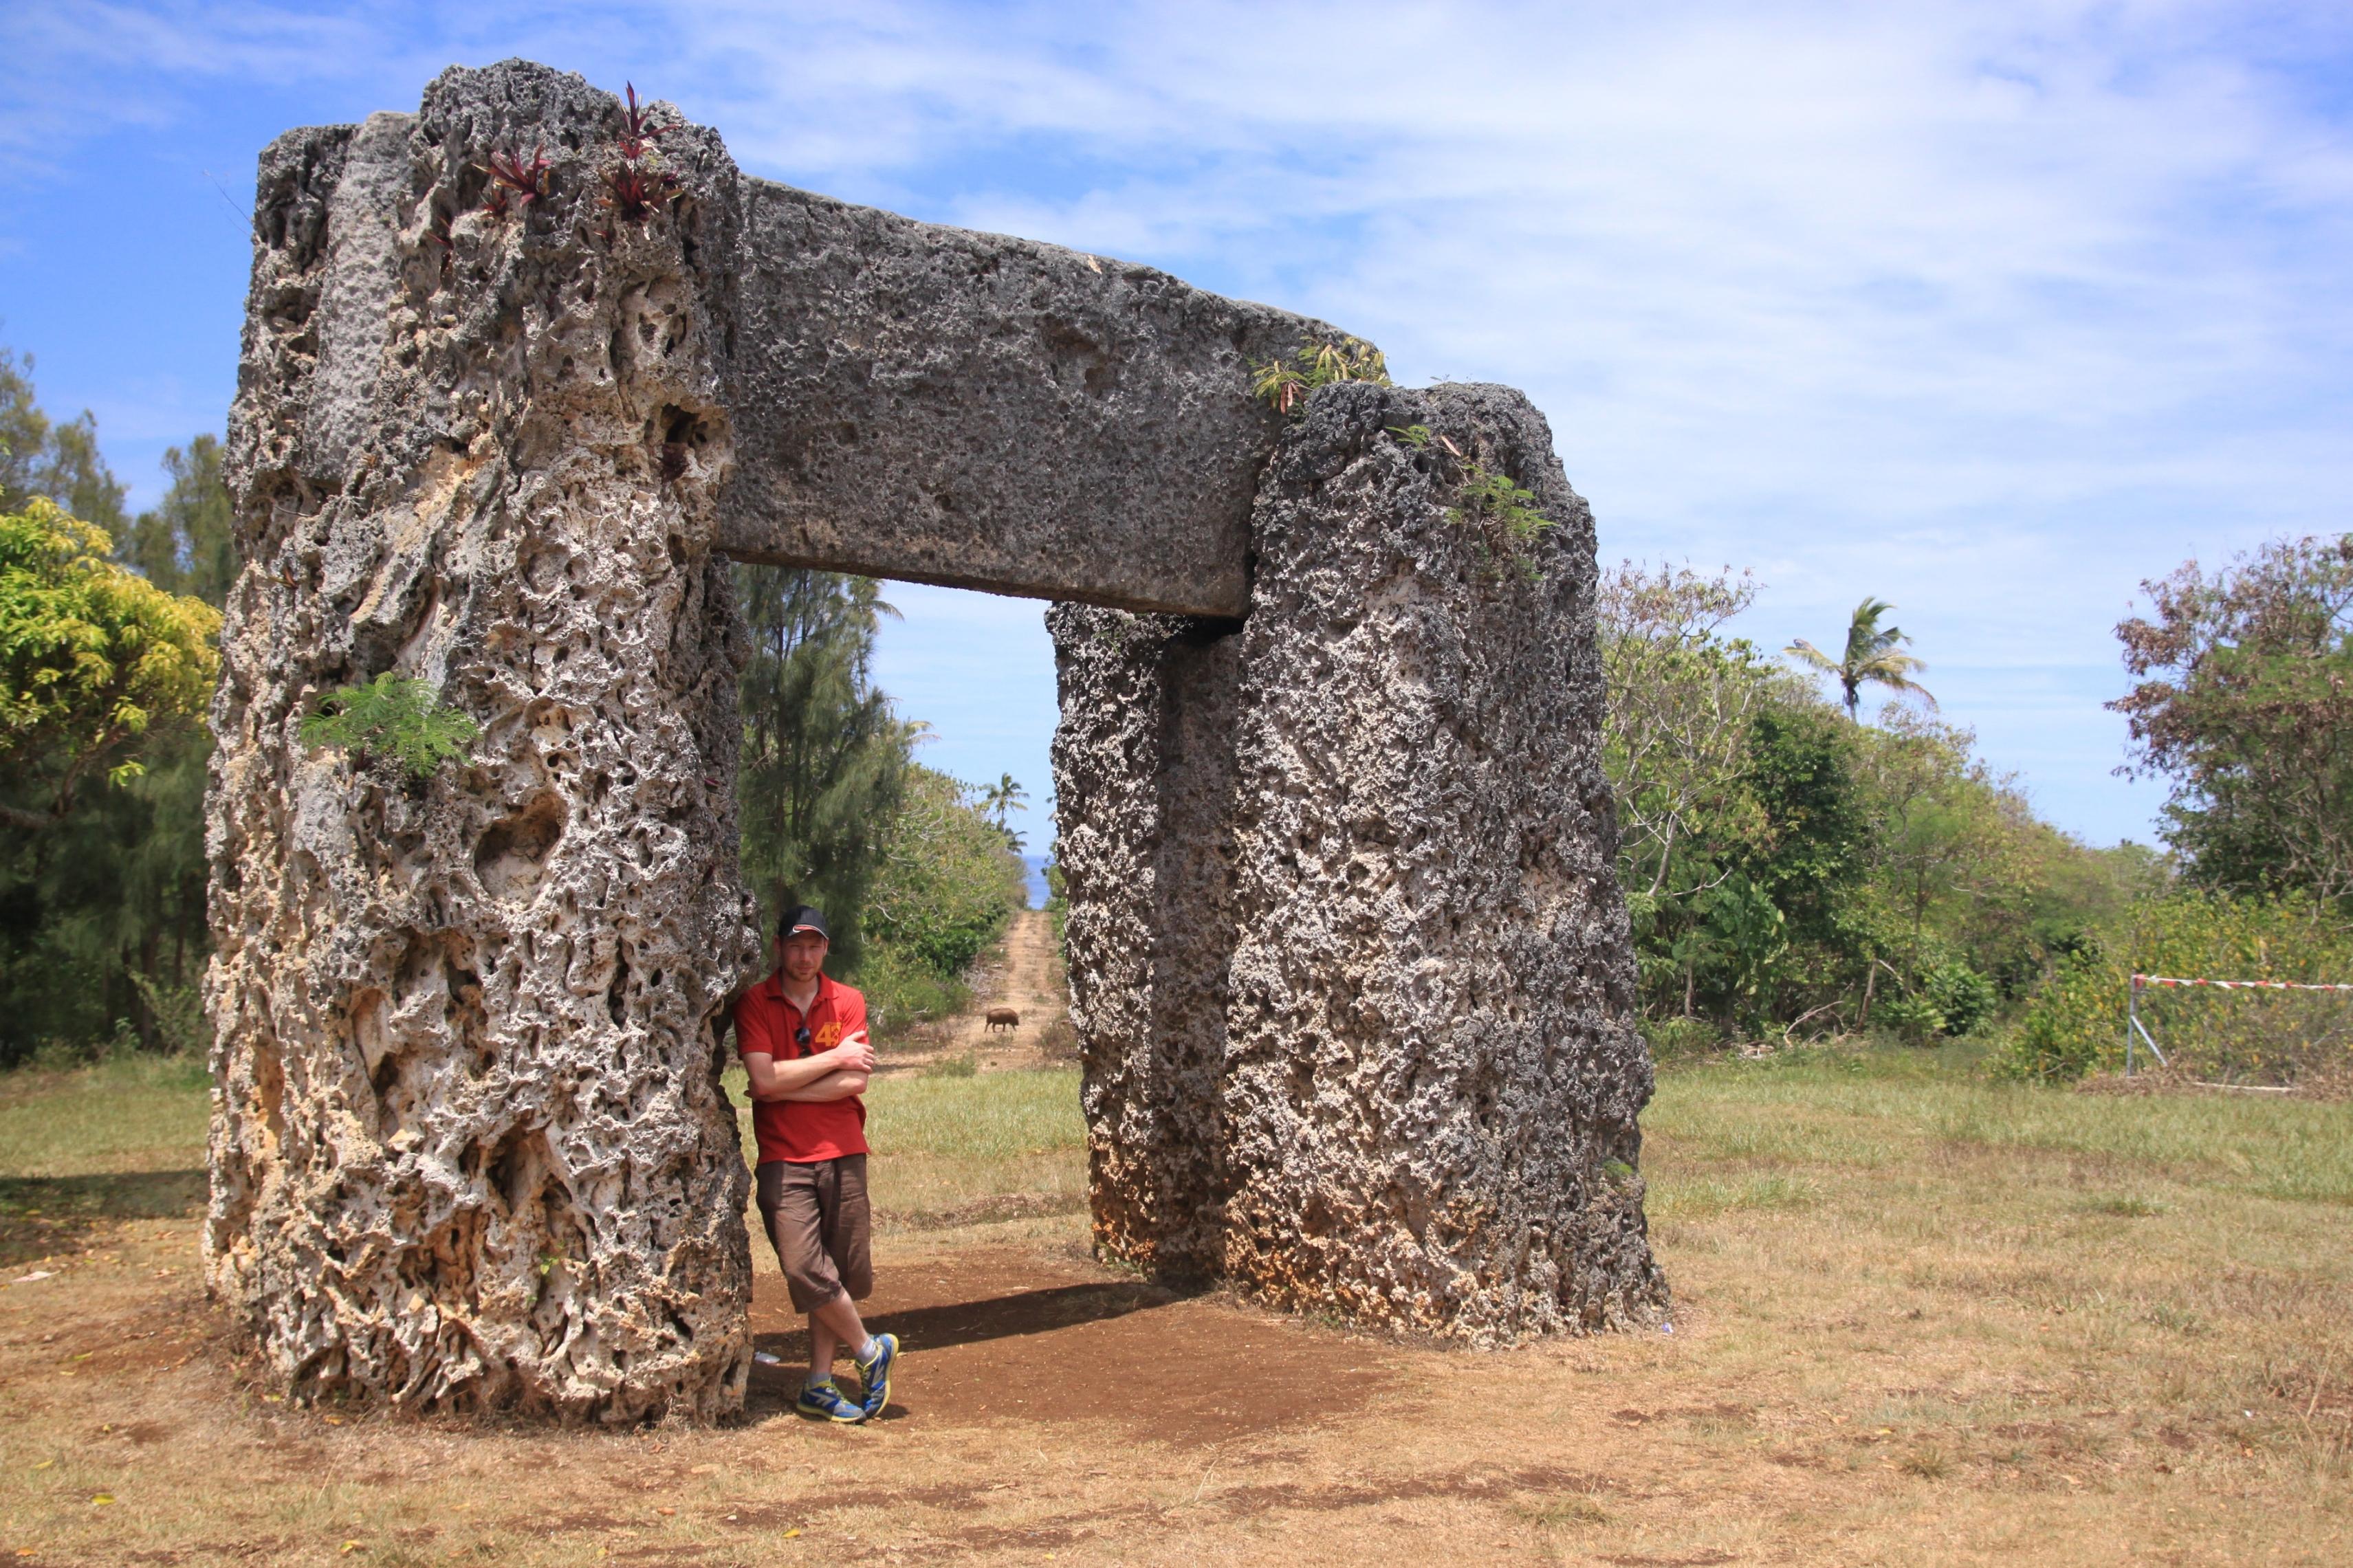 Ha'amonga'a Maui, ez egy 13. századi építmény egy három hatalmas kőből álló kapu, melyen át a tongai királyok megközelítették a kikötőjüket. A háttérben itt is látható egy disznó!